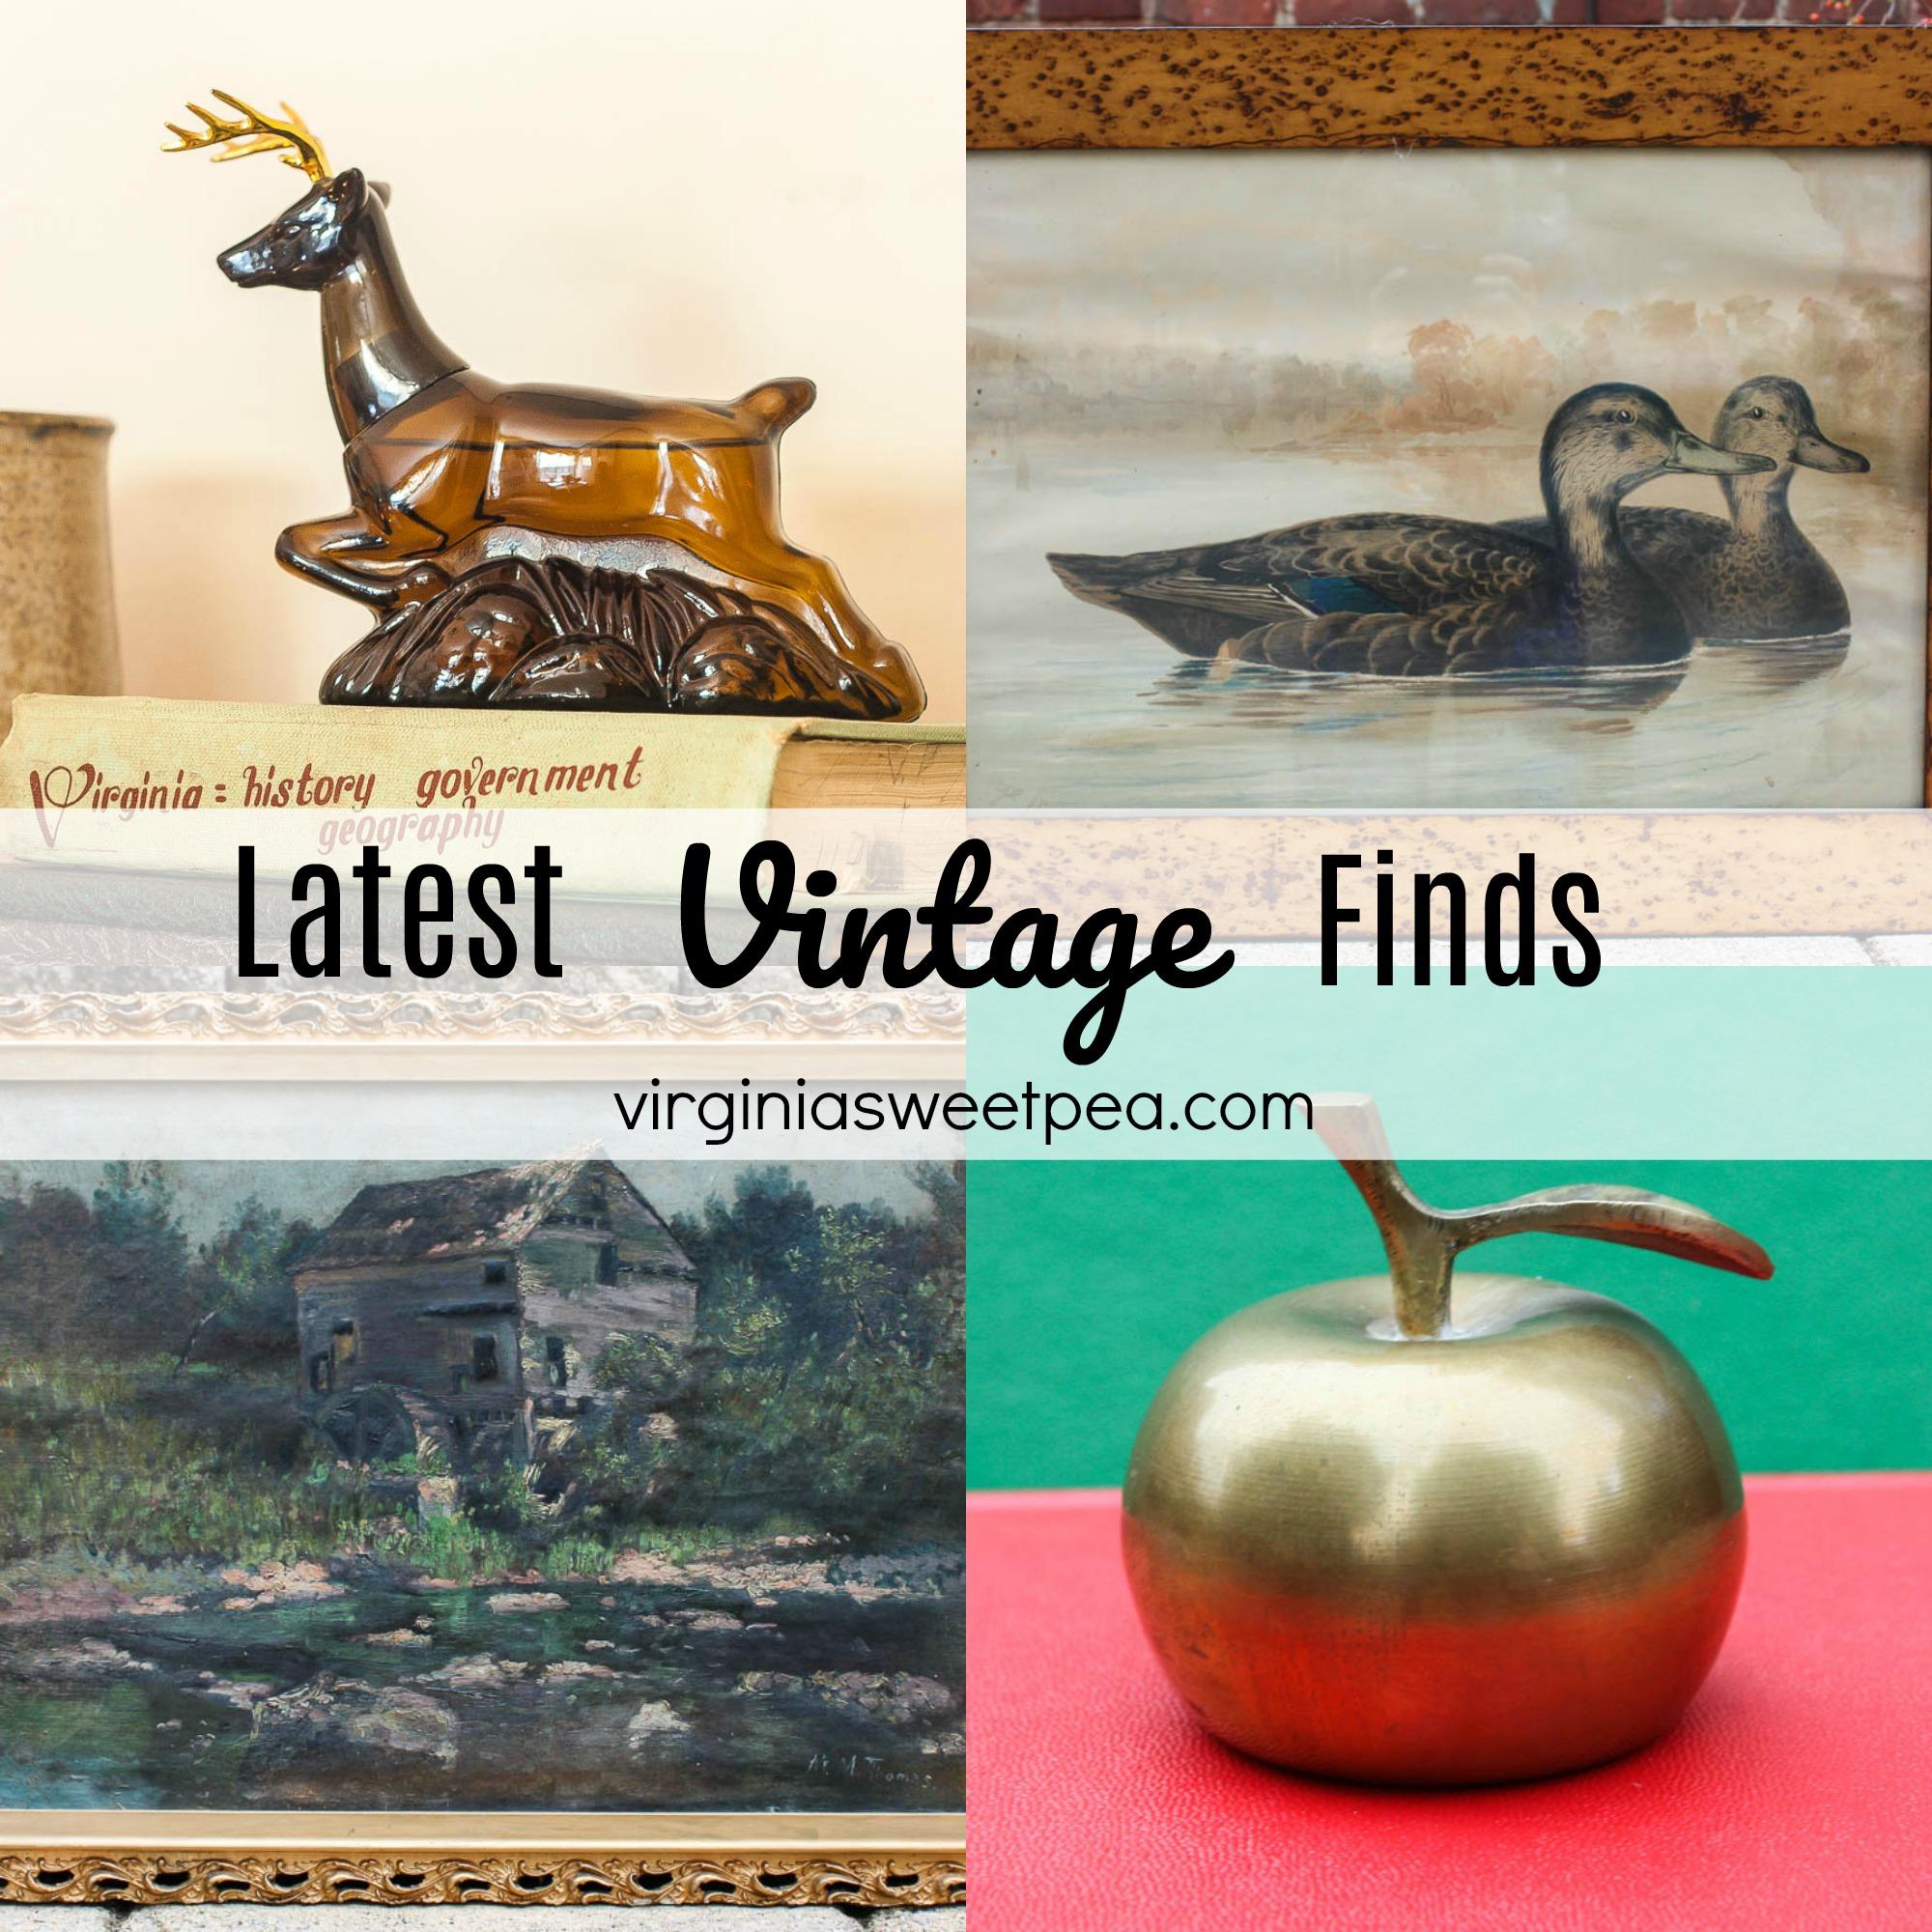 Latest Vintage Finds